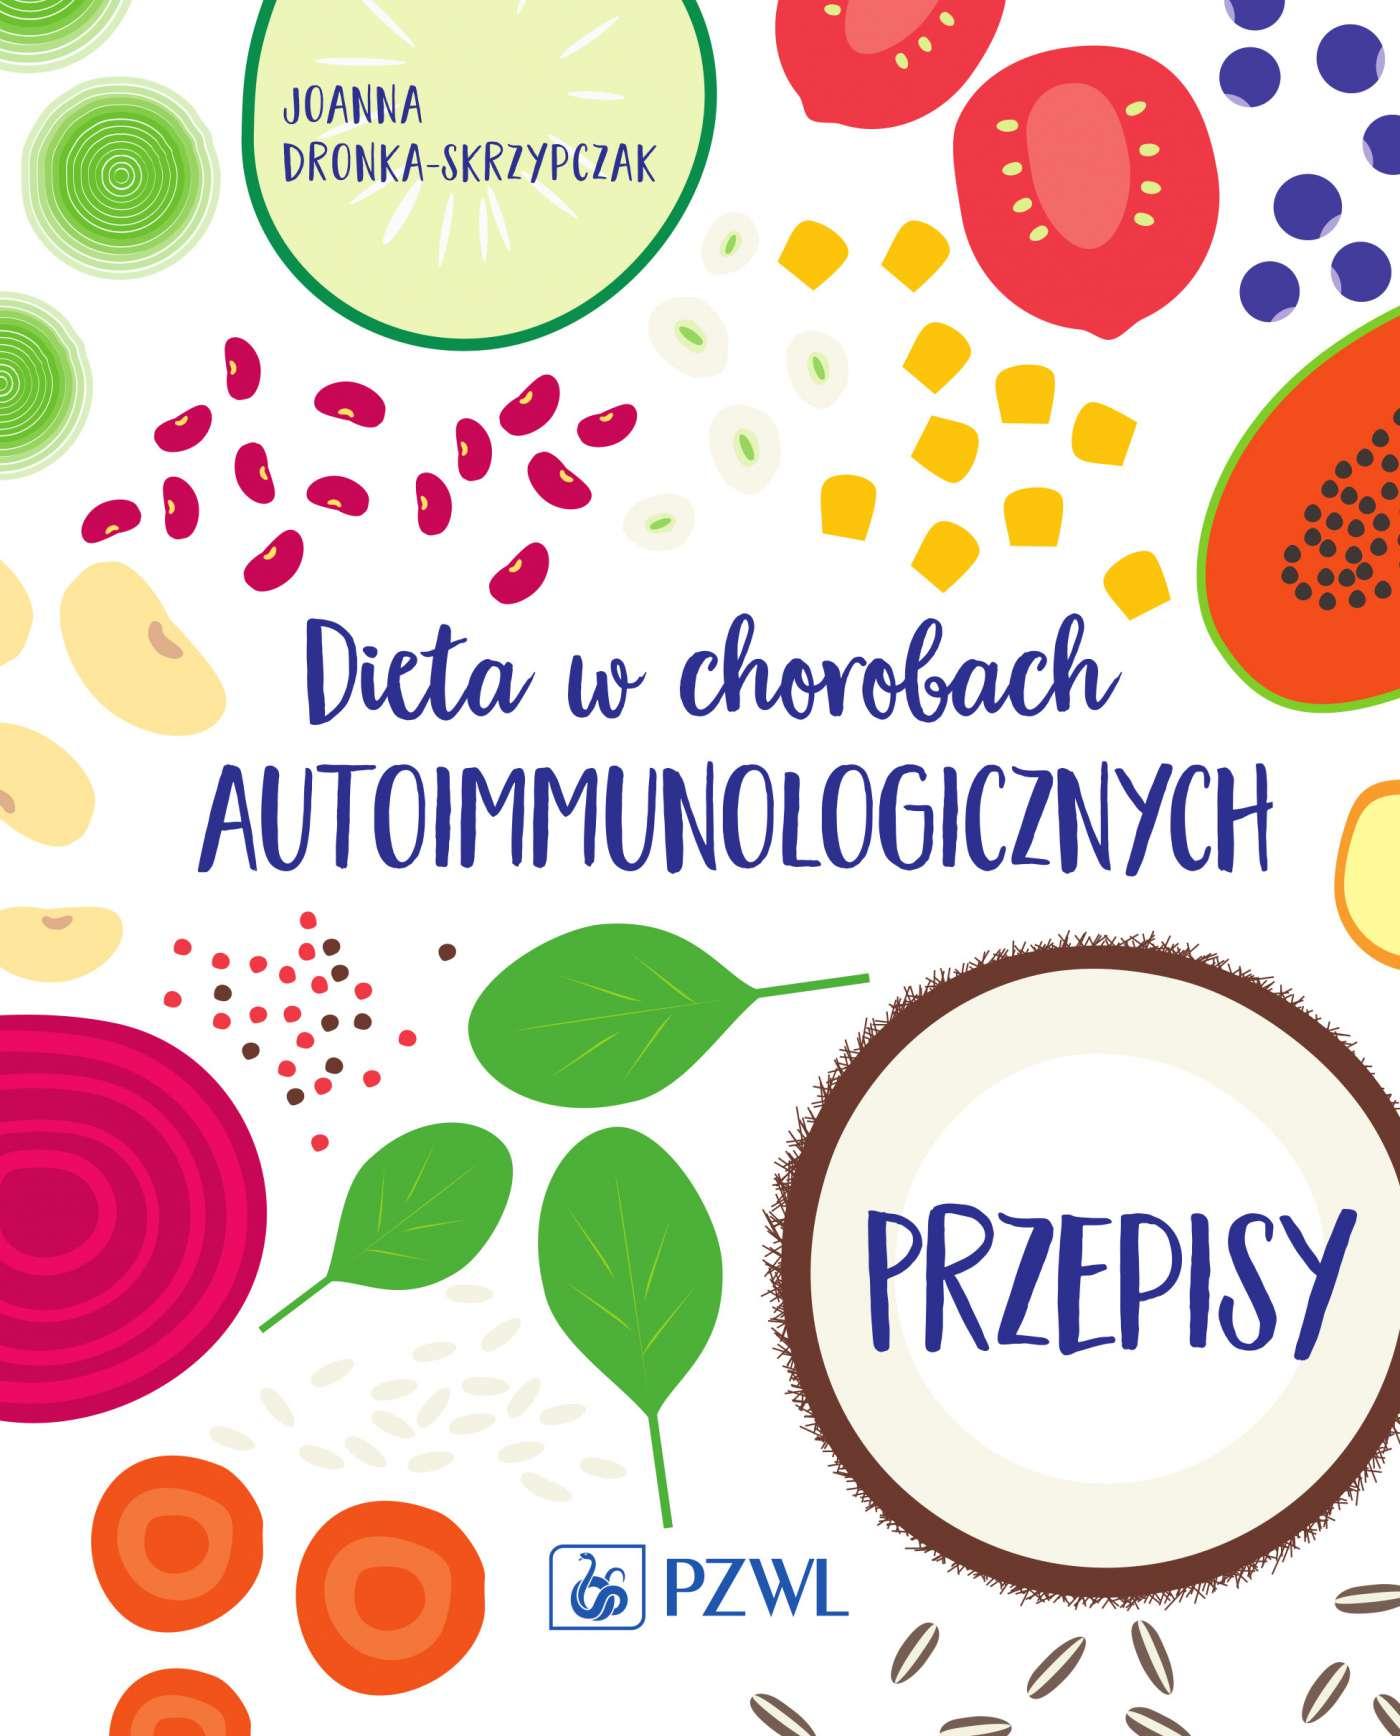 Dieta w chorobach autoimmunologicznych. Przepisy - Ebook (Książka EPUB) do pobrania w formacie EPUB